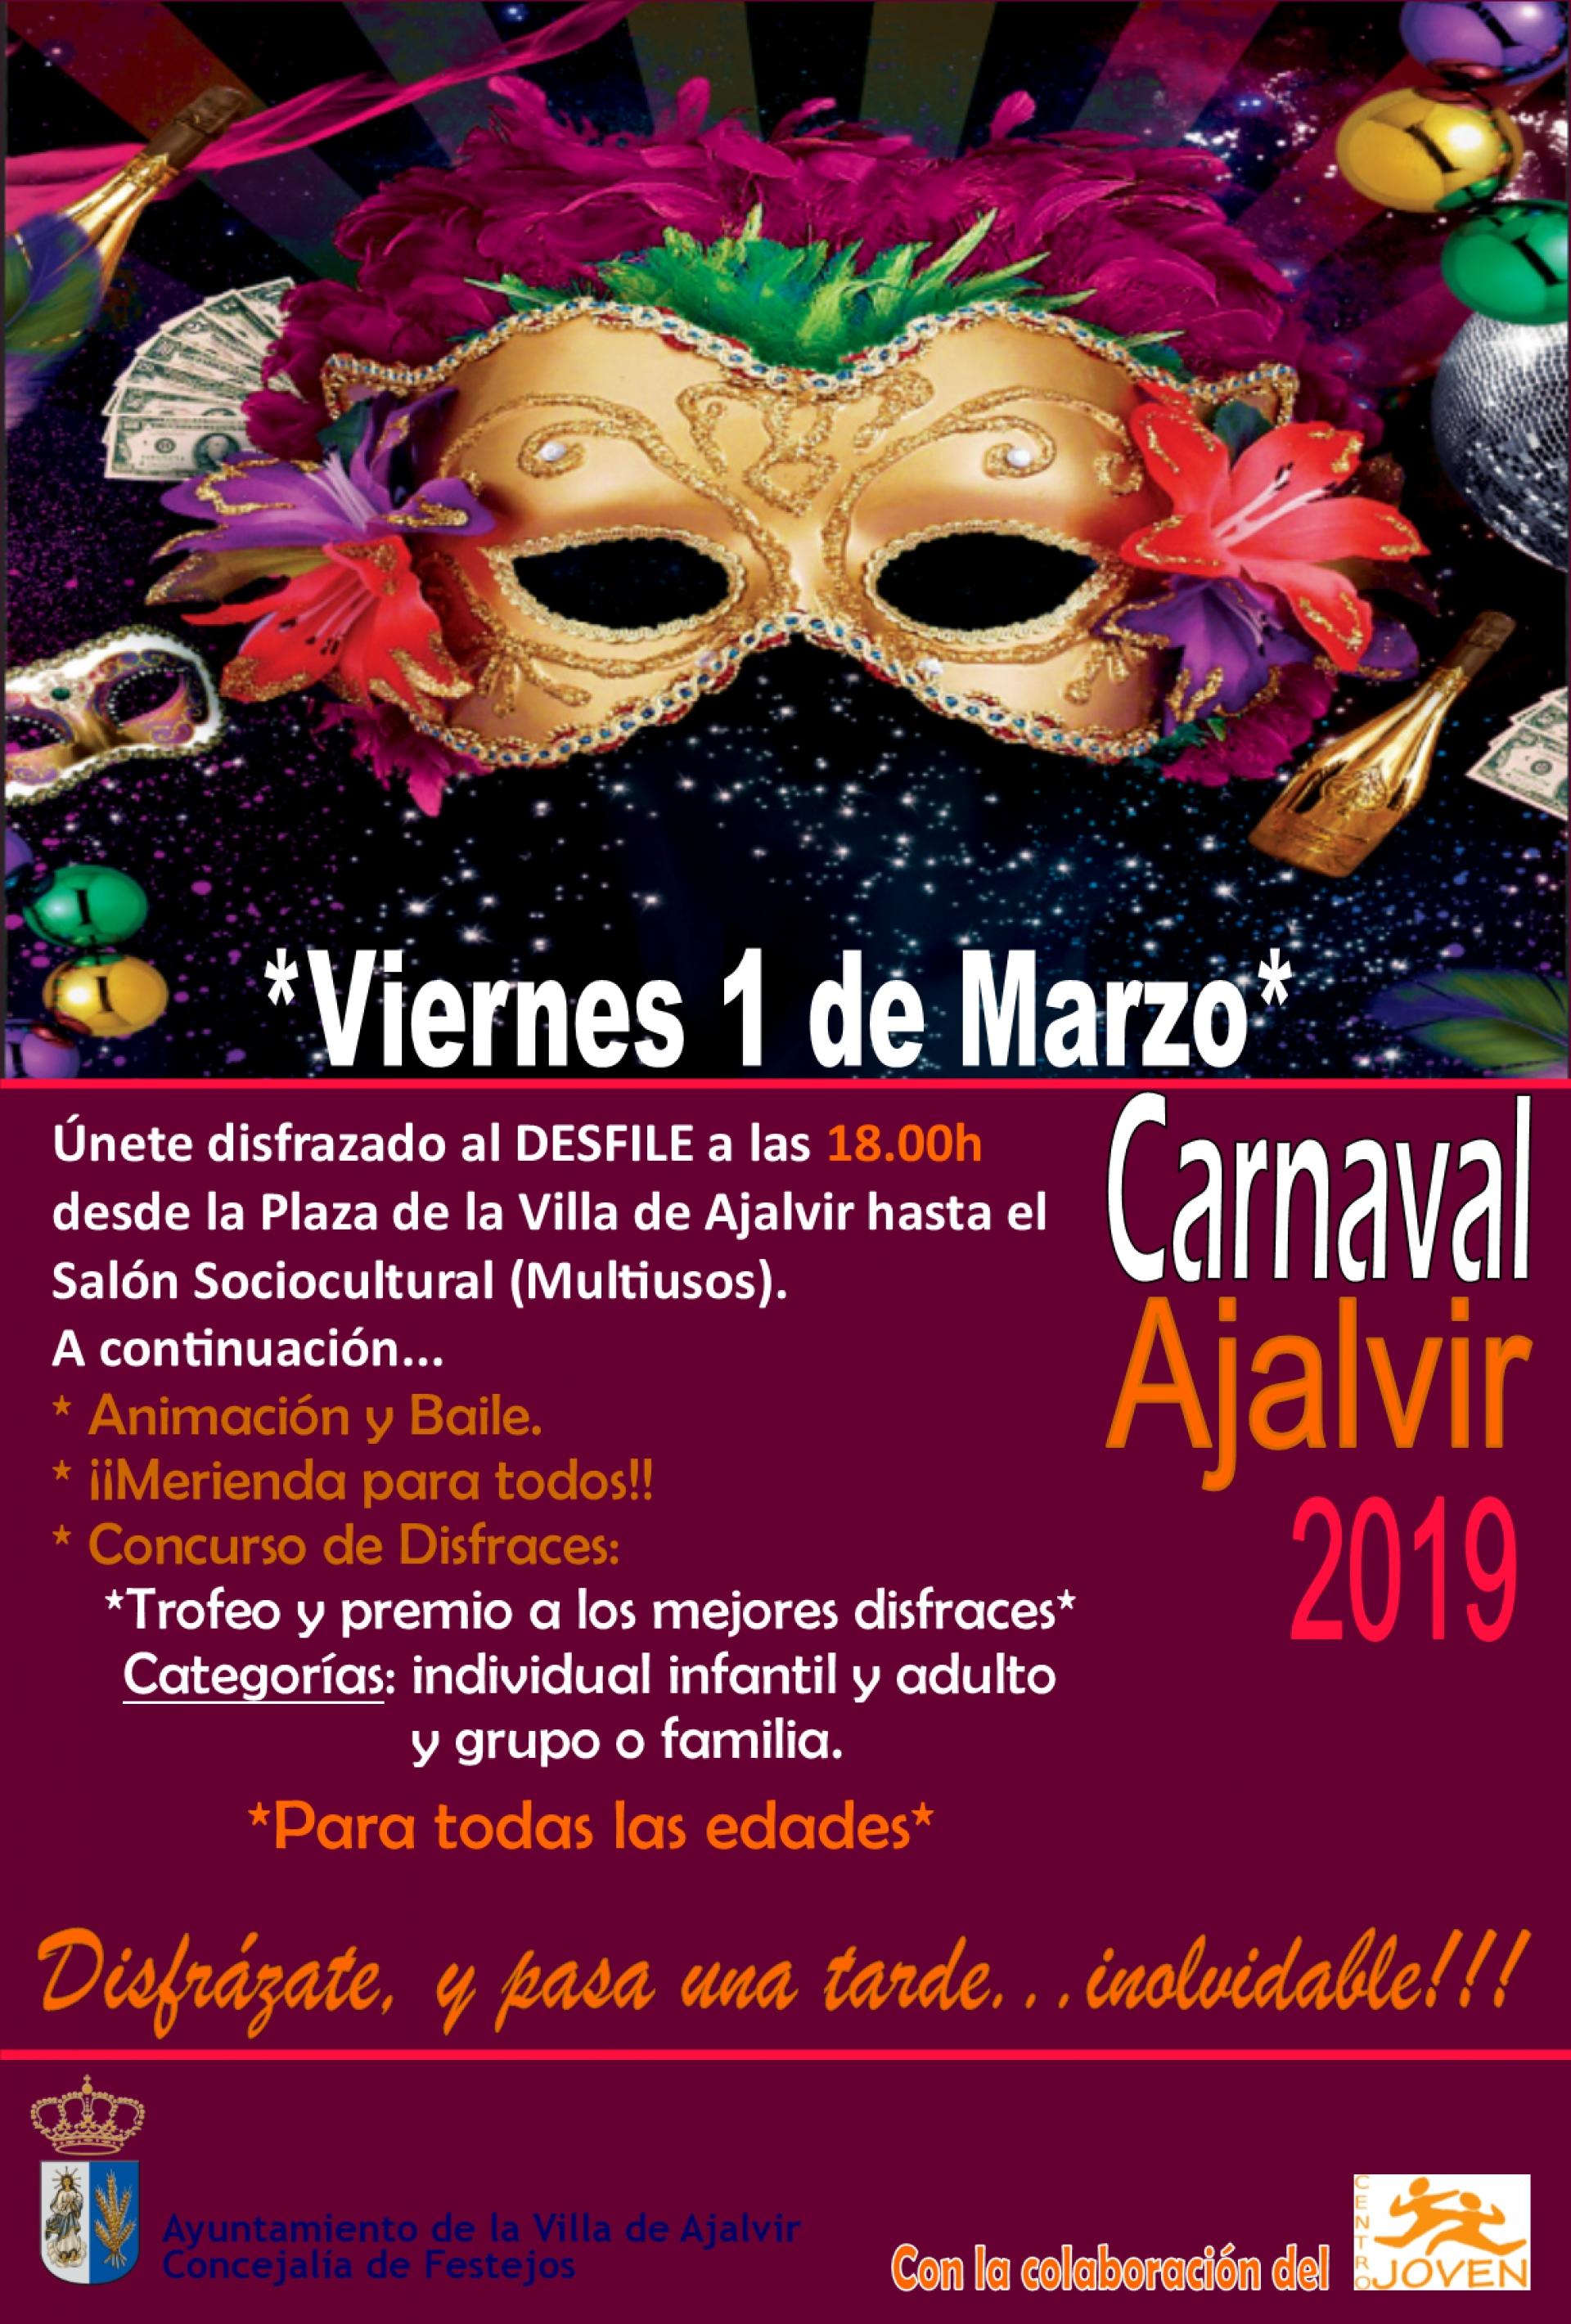 Fiesta De Carnaval En Ajalvir Viernes 1 De Marzo